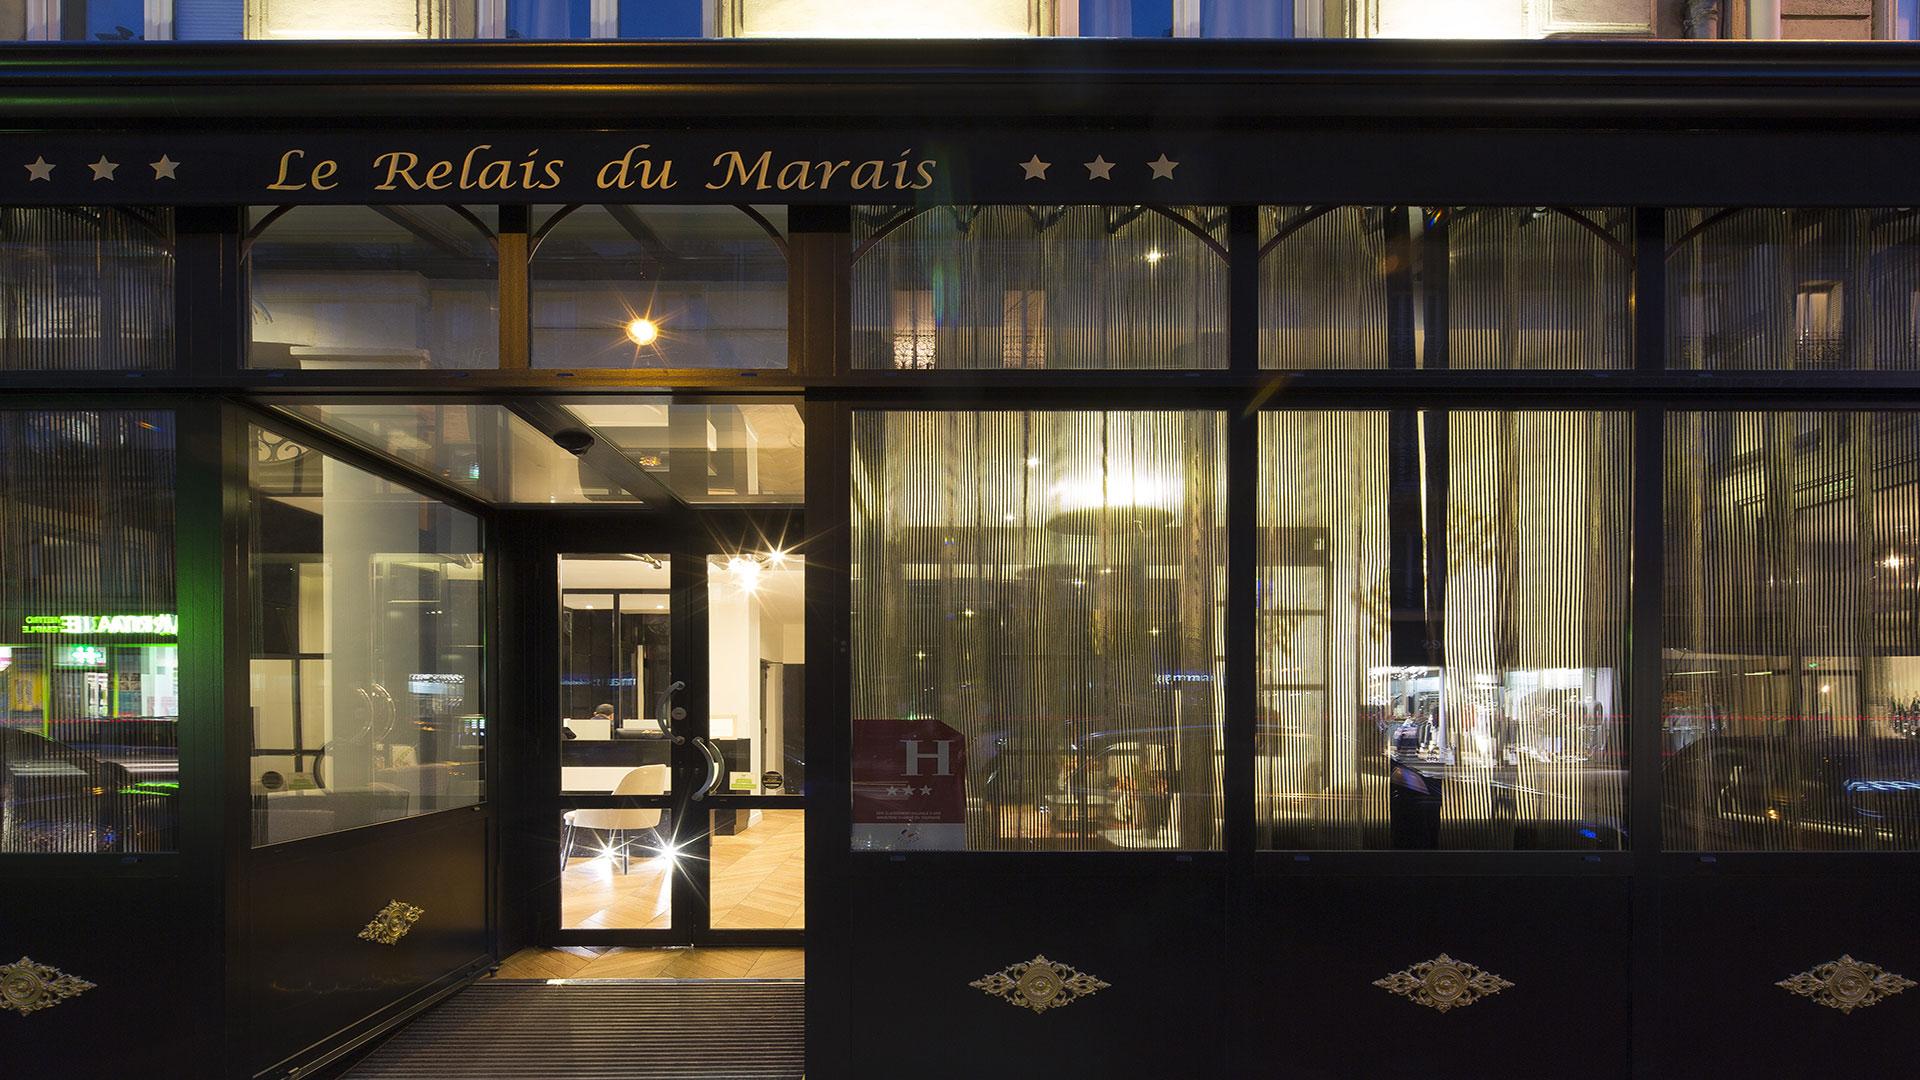 H Tel Dans Le 3 Me Arrondissement De Paris Chambre D